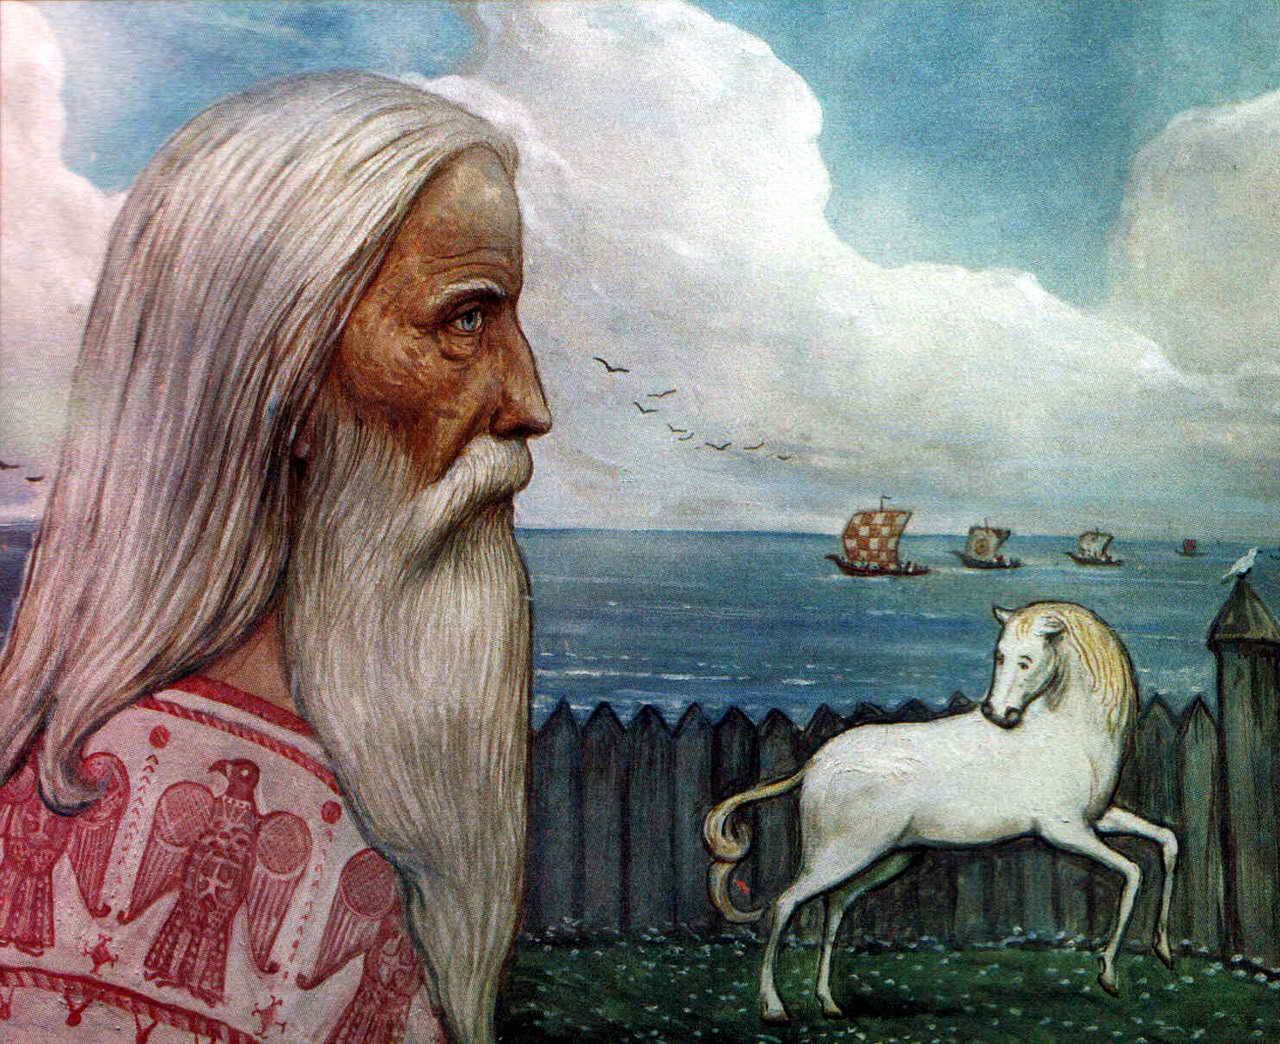 Происхождение коня на картине Глазунова